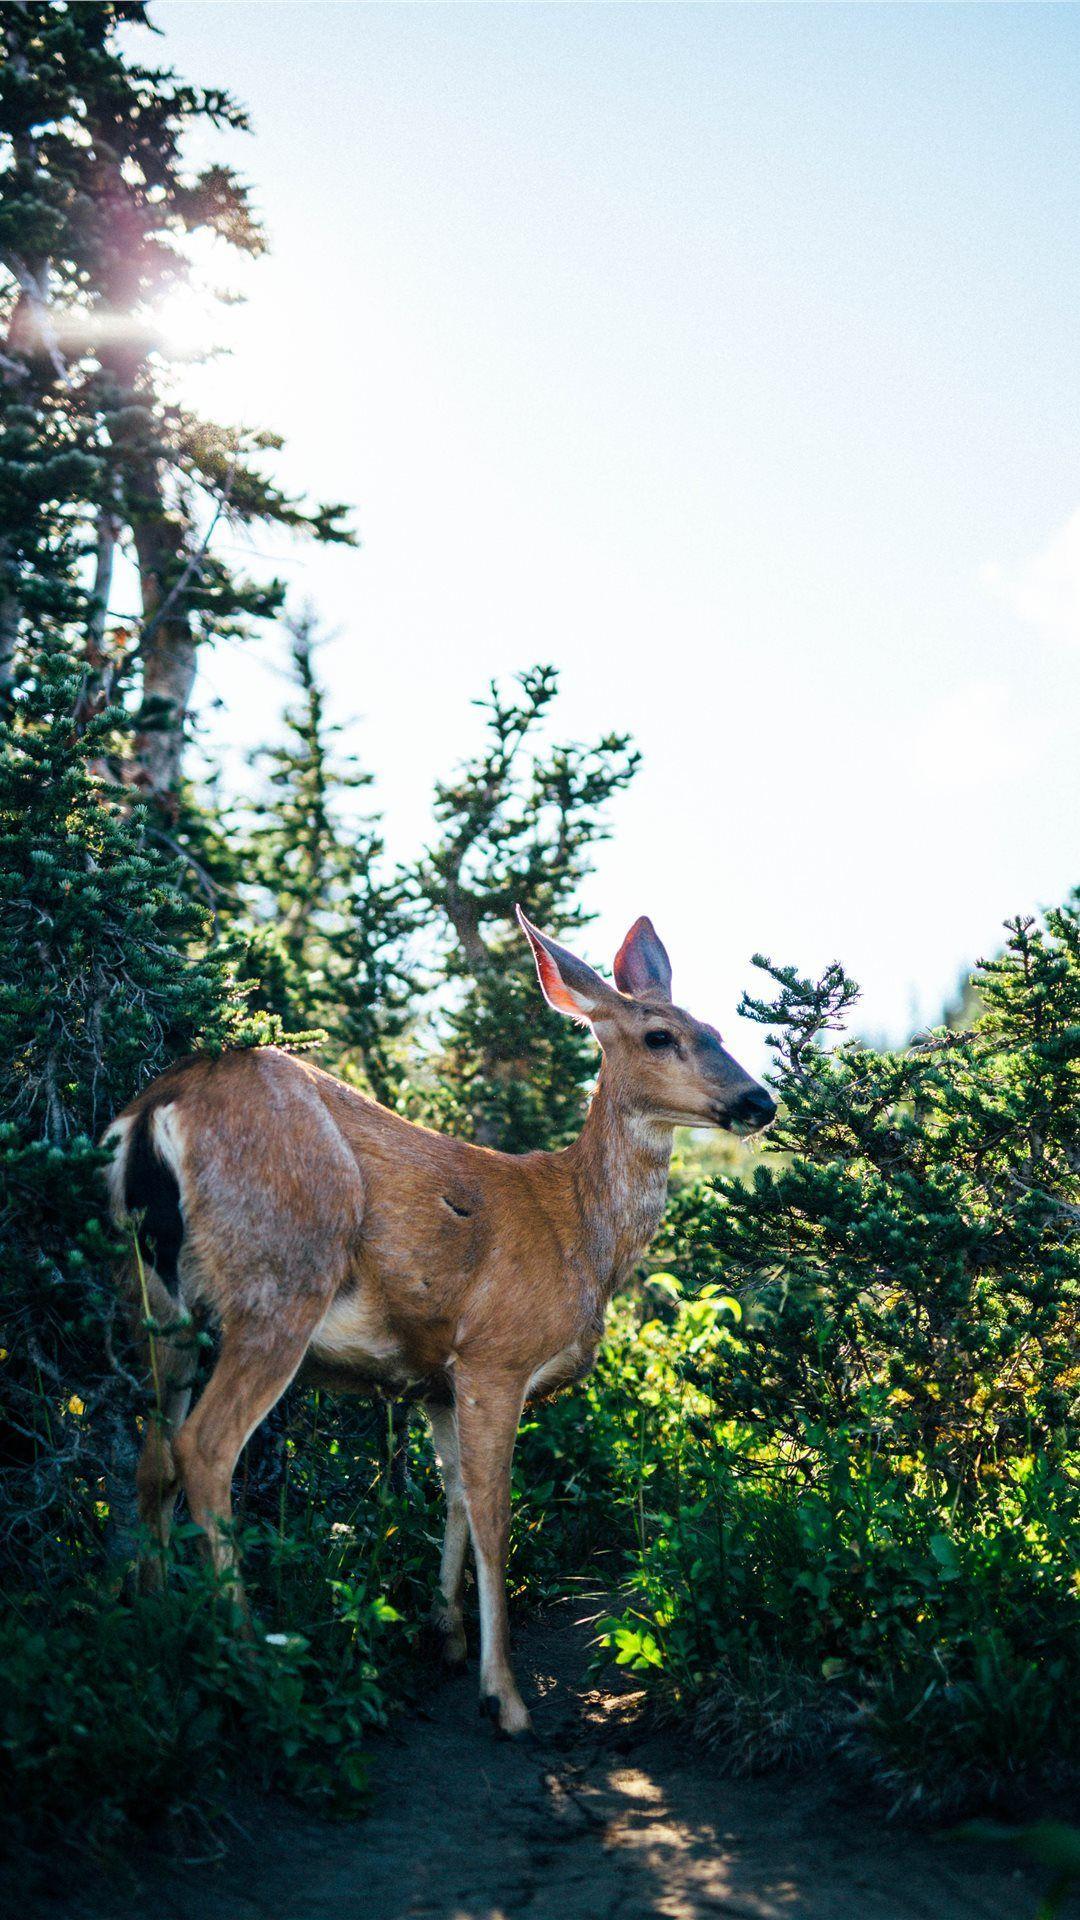 Deer iPhone Wallpapers - Top Free Deer iPhone Backgrounds ...